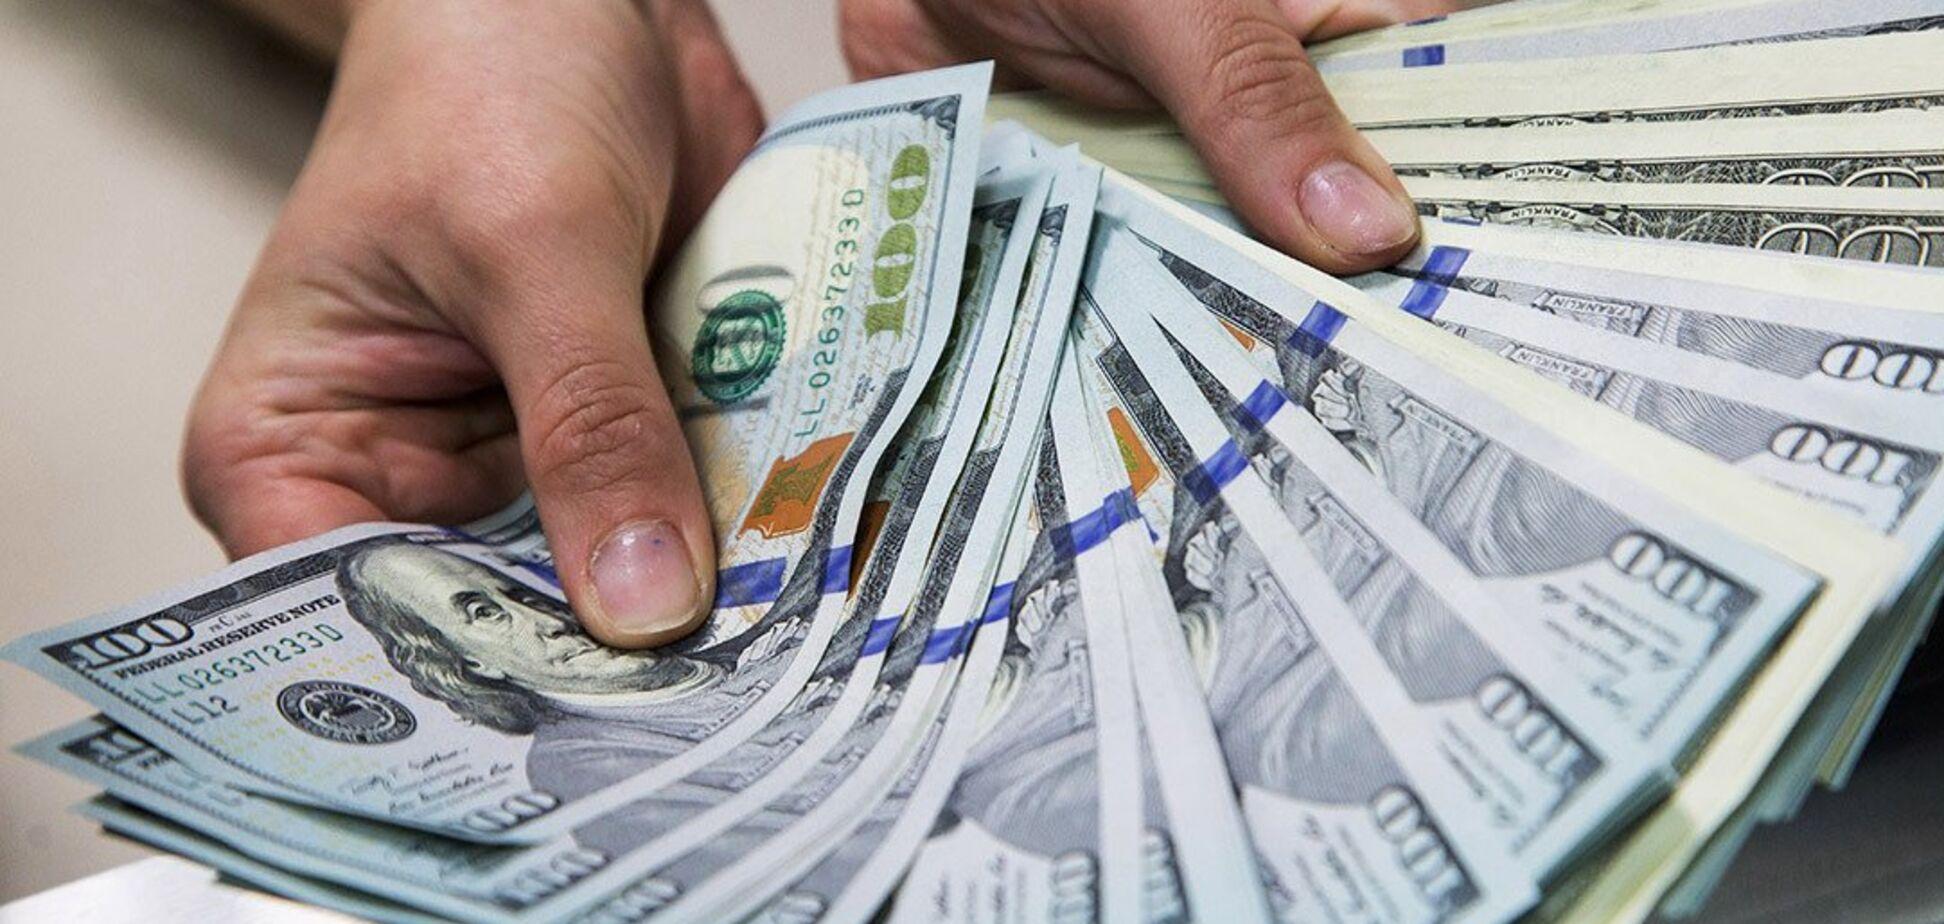 С начала года заробитчане перевели в Украину 'двойной транш МВФ'